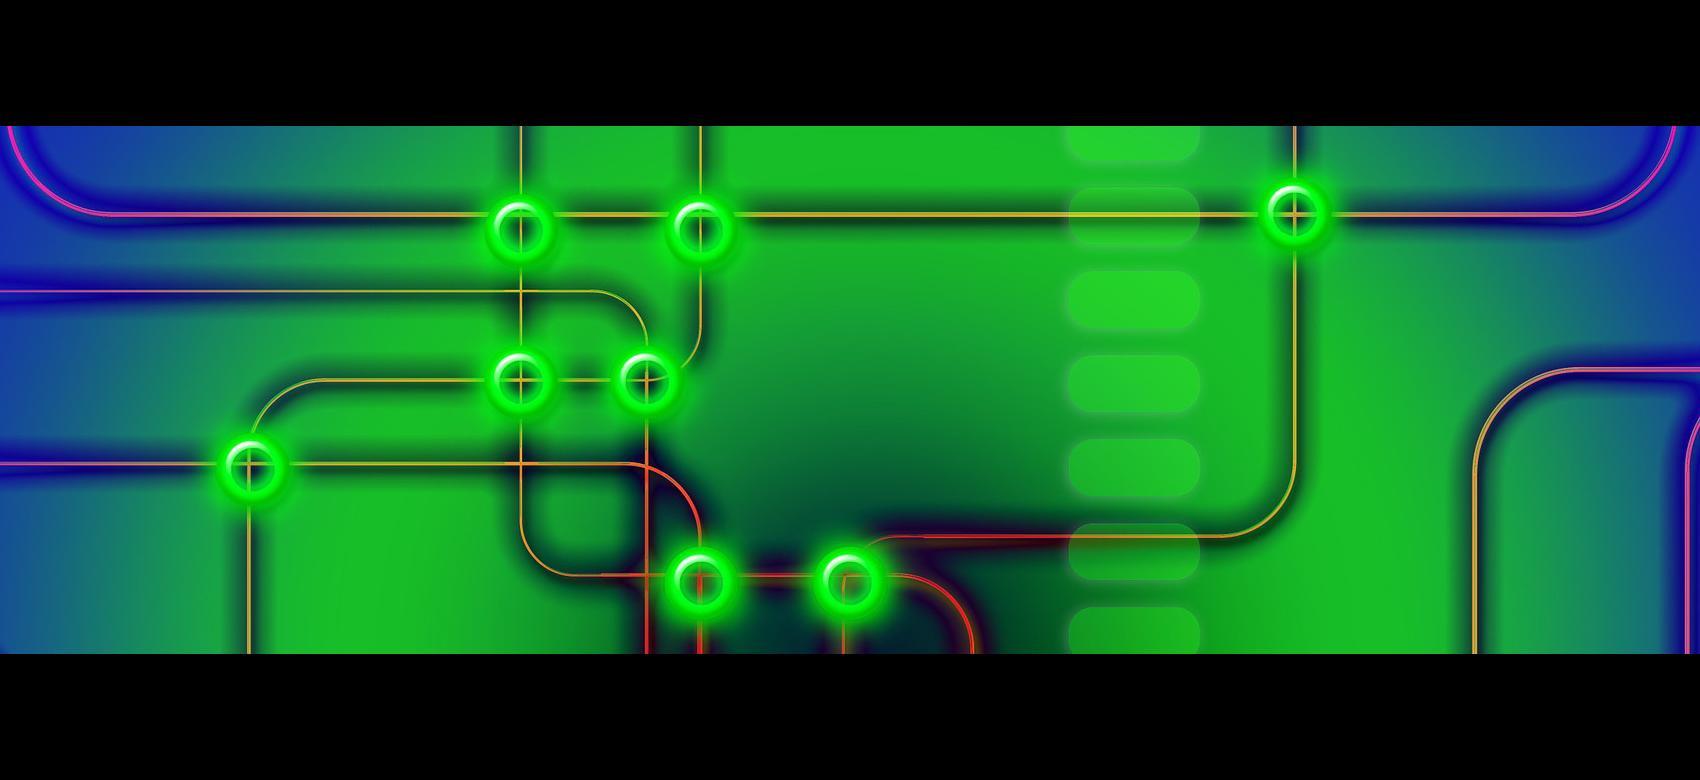 Representación de una red con los puntos de intersección resaltados